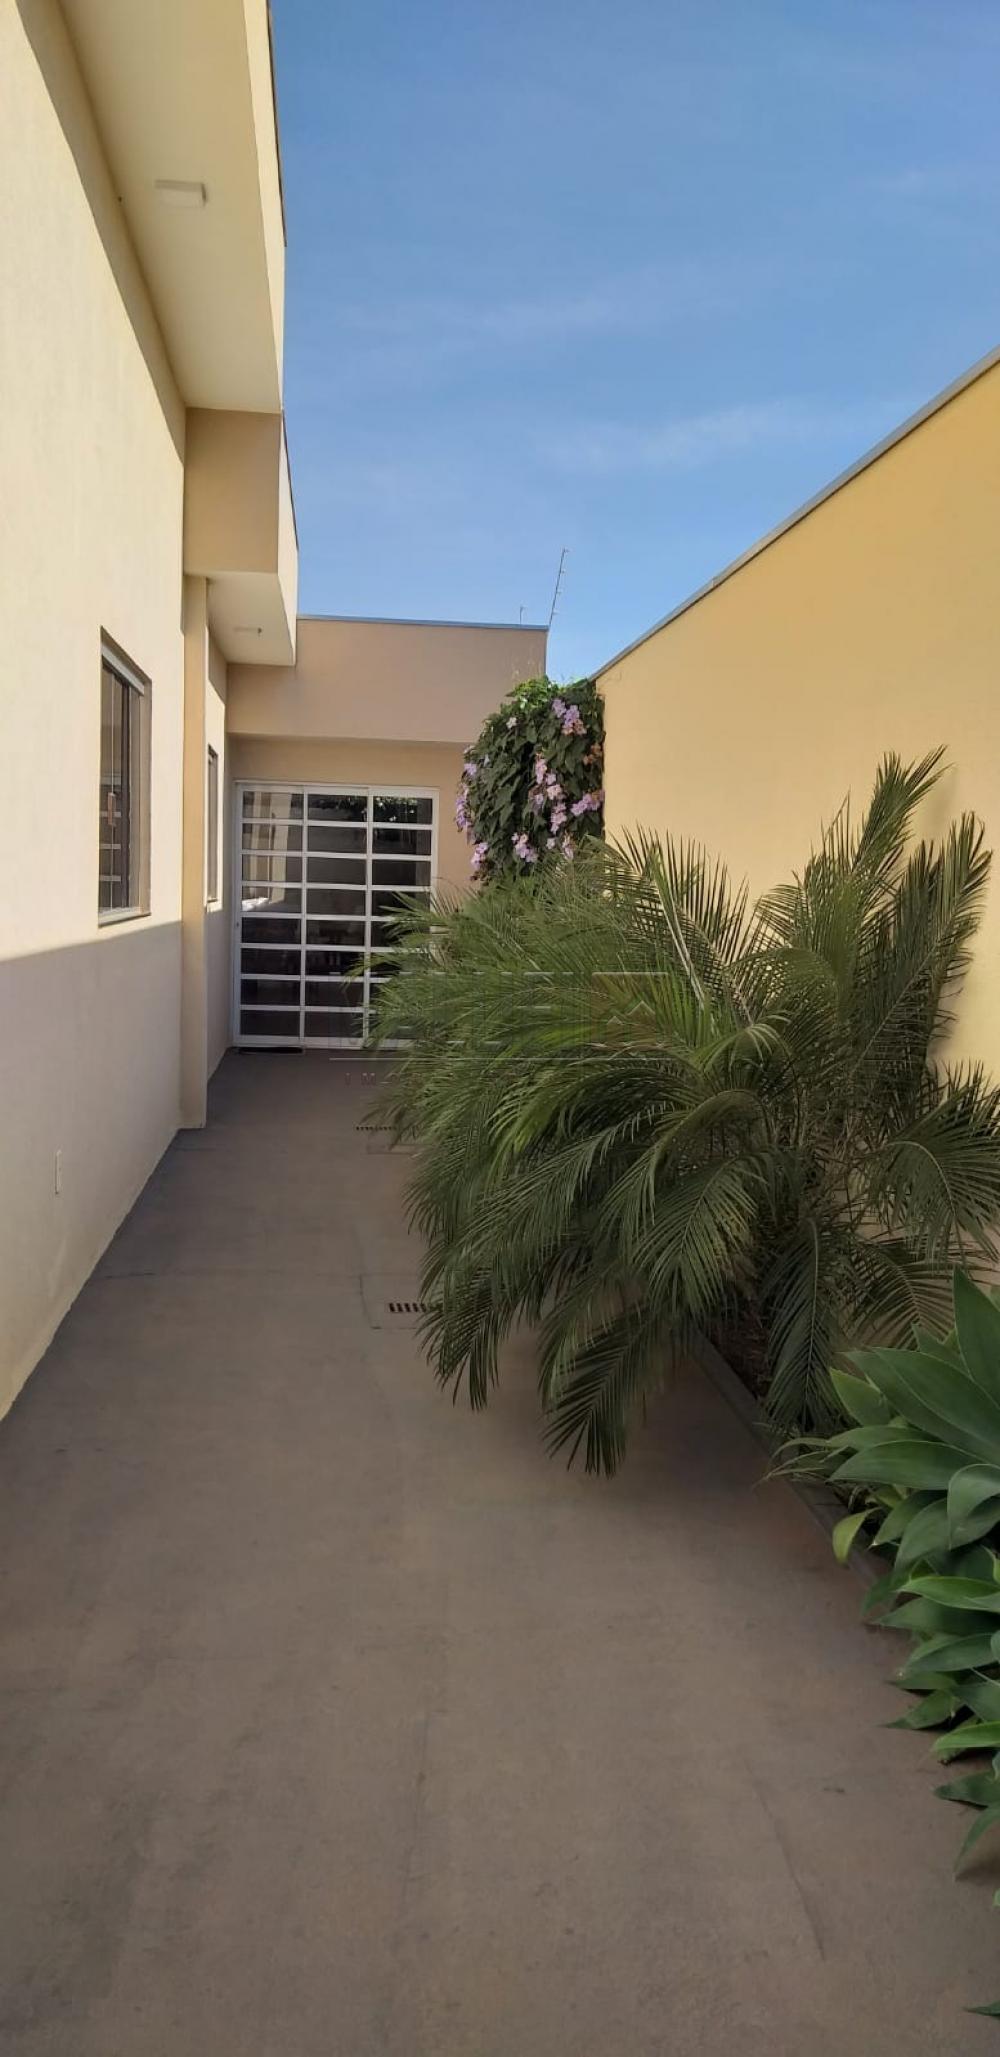 Comprar Casas / Padrão em Olímpia R$ 500.000,00 - Foto 4